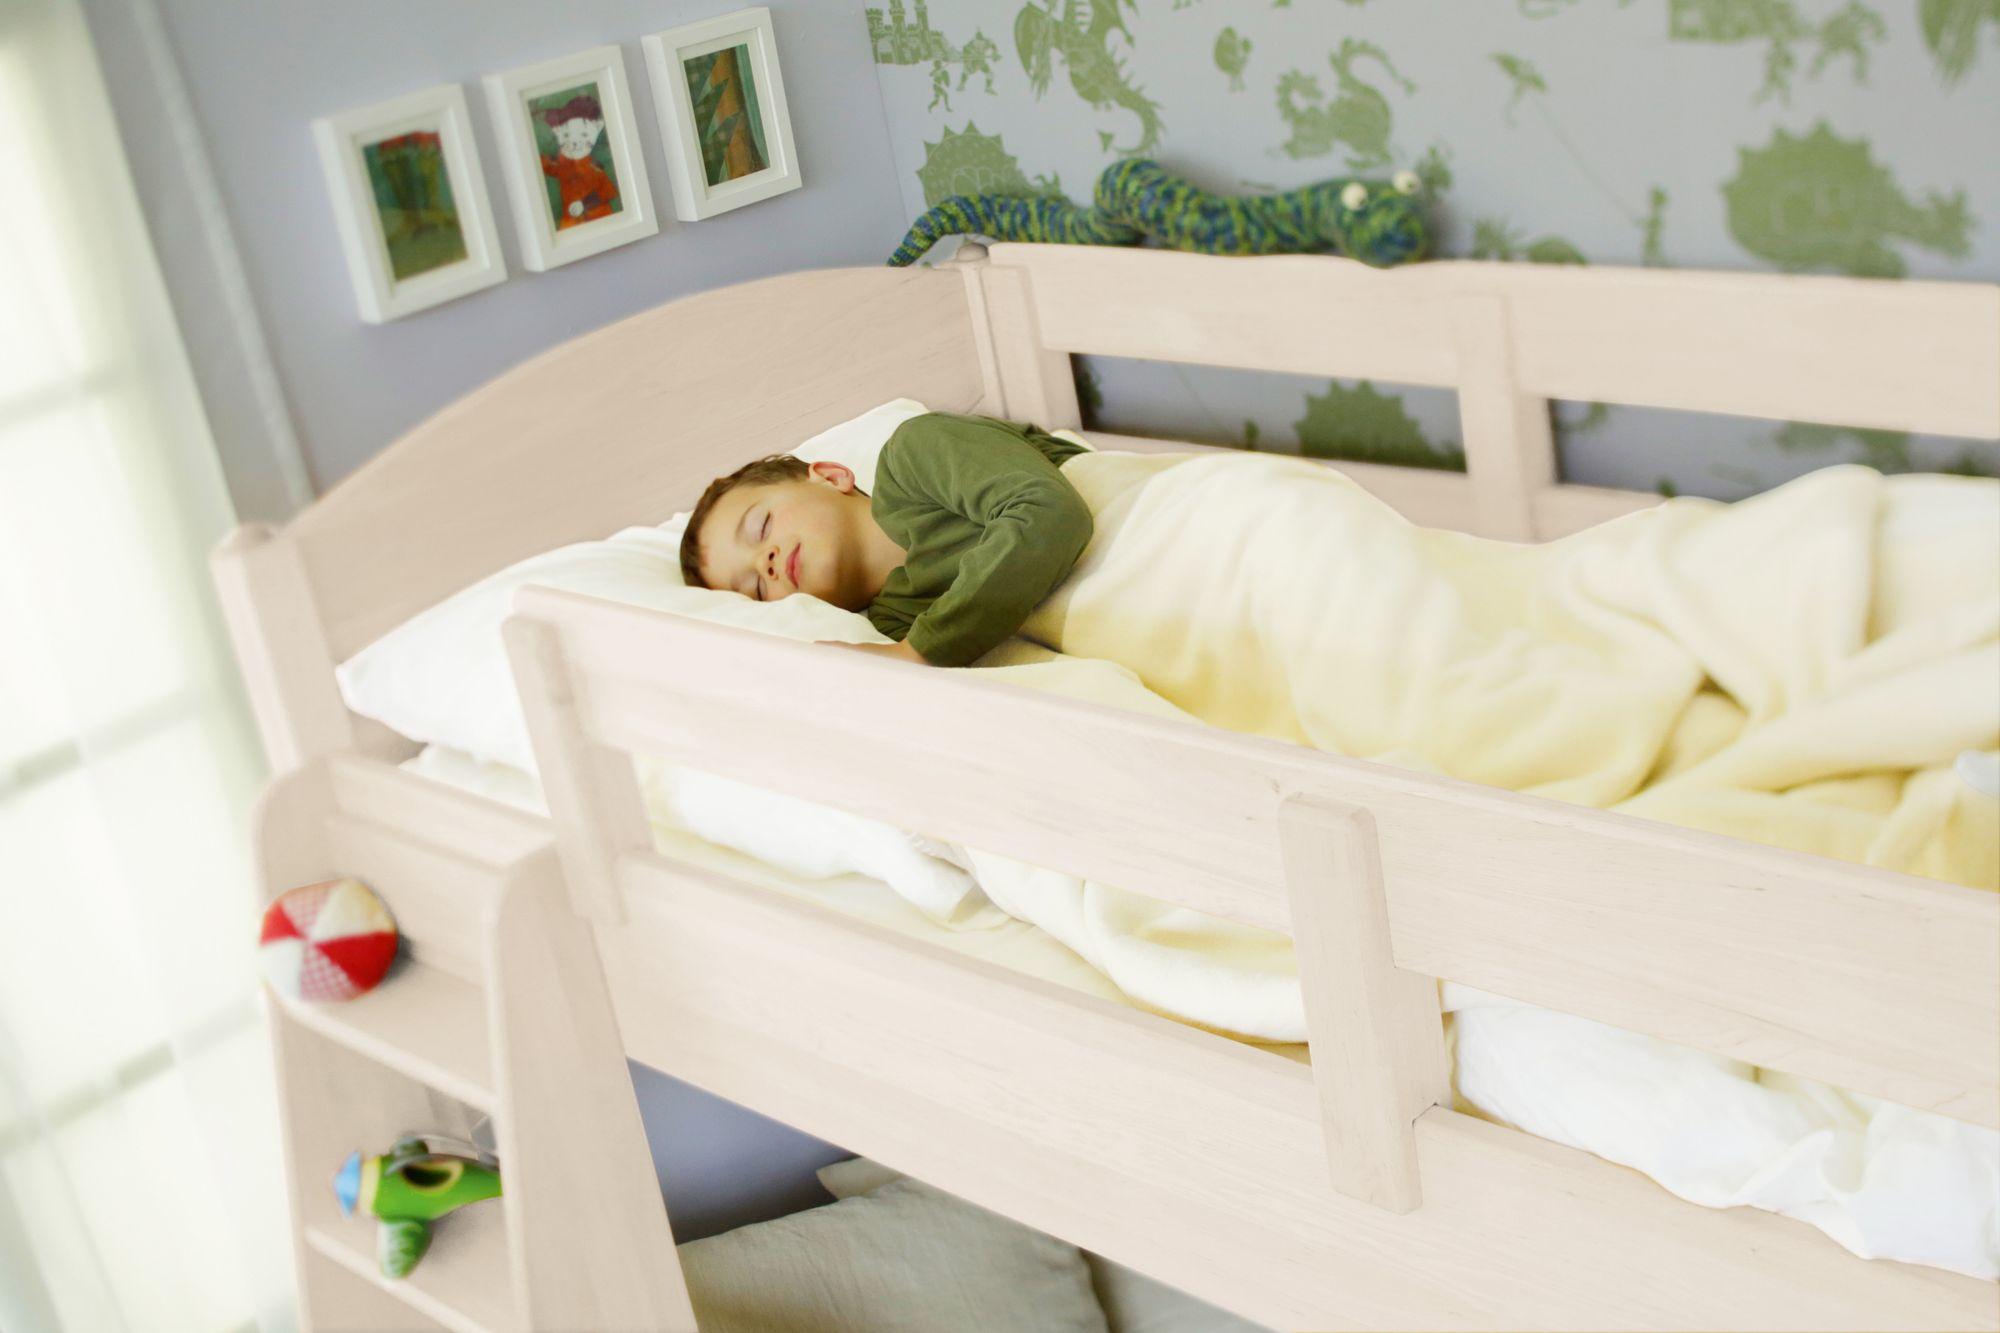 Full Size of Kinderzimmer Hochbett Sofa Regale Regal Weiß Kinderzimmer Kinderzimmer Hochbett